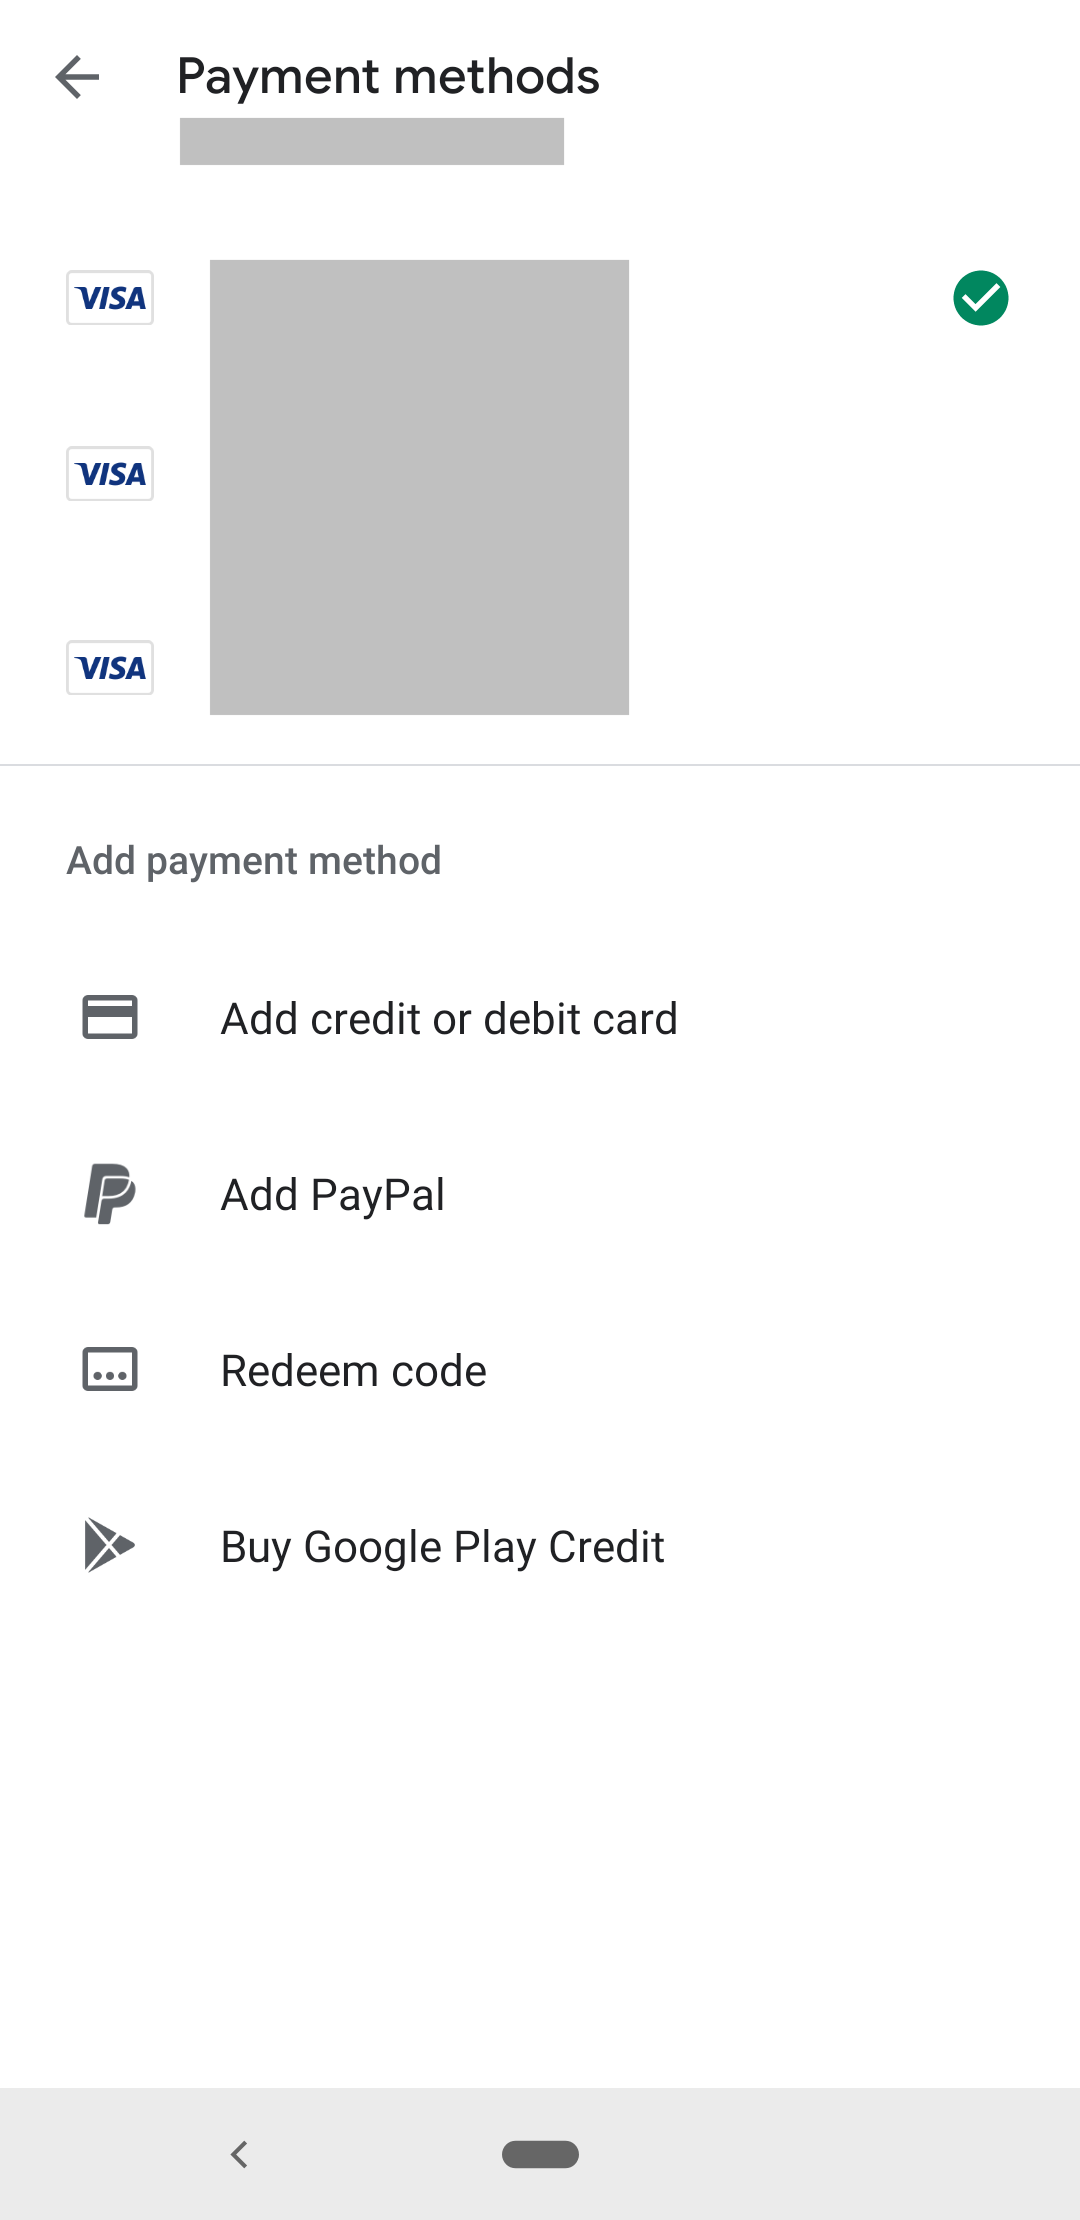 列出了应用内购买的付款方式的屏幕